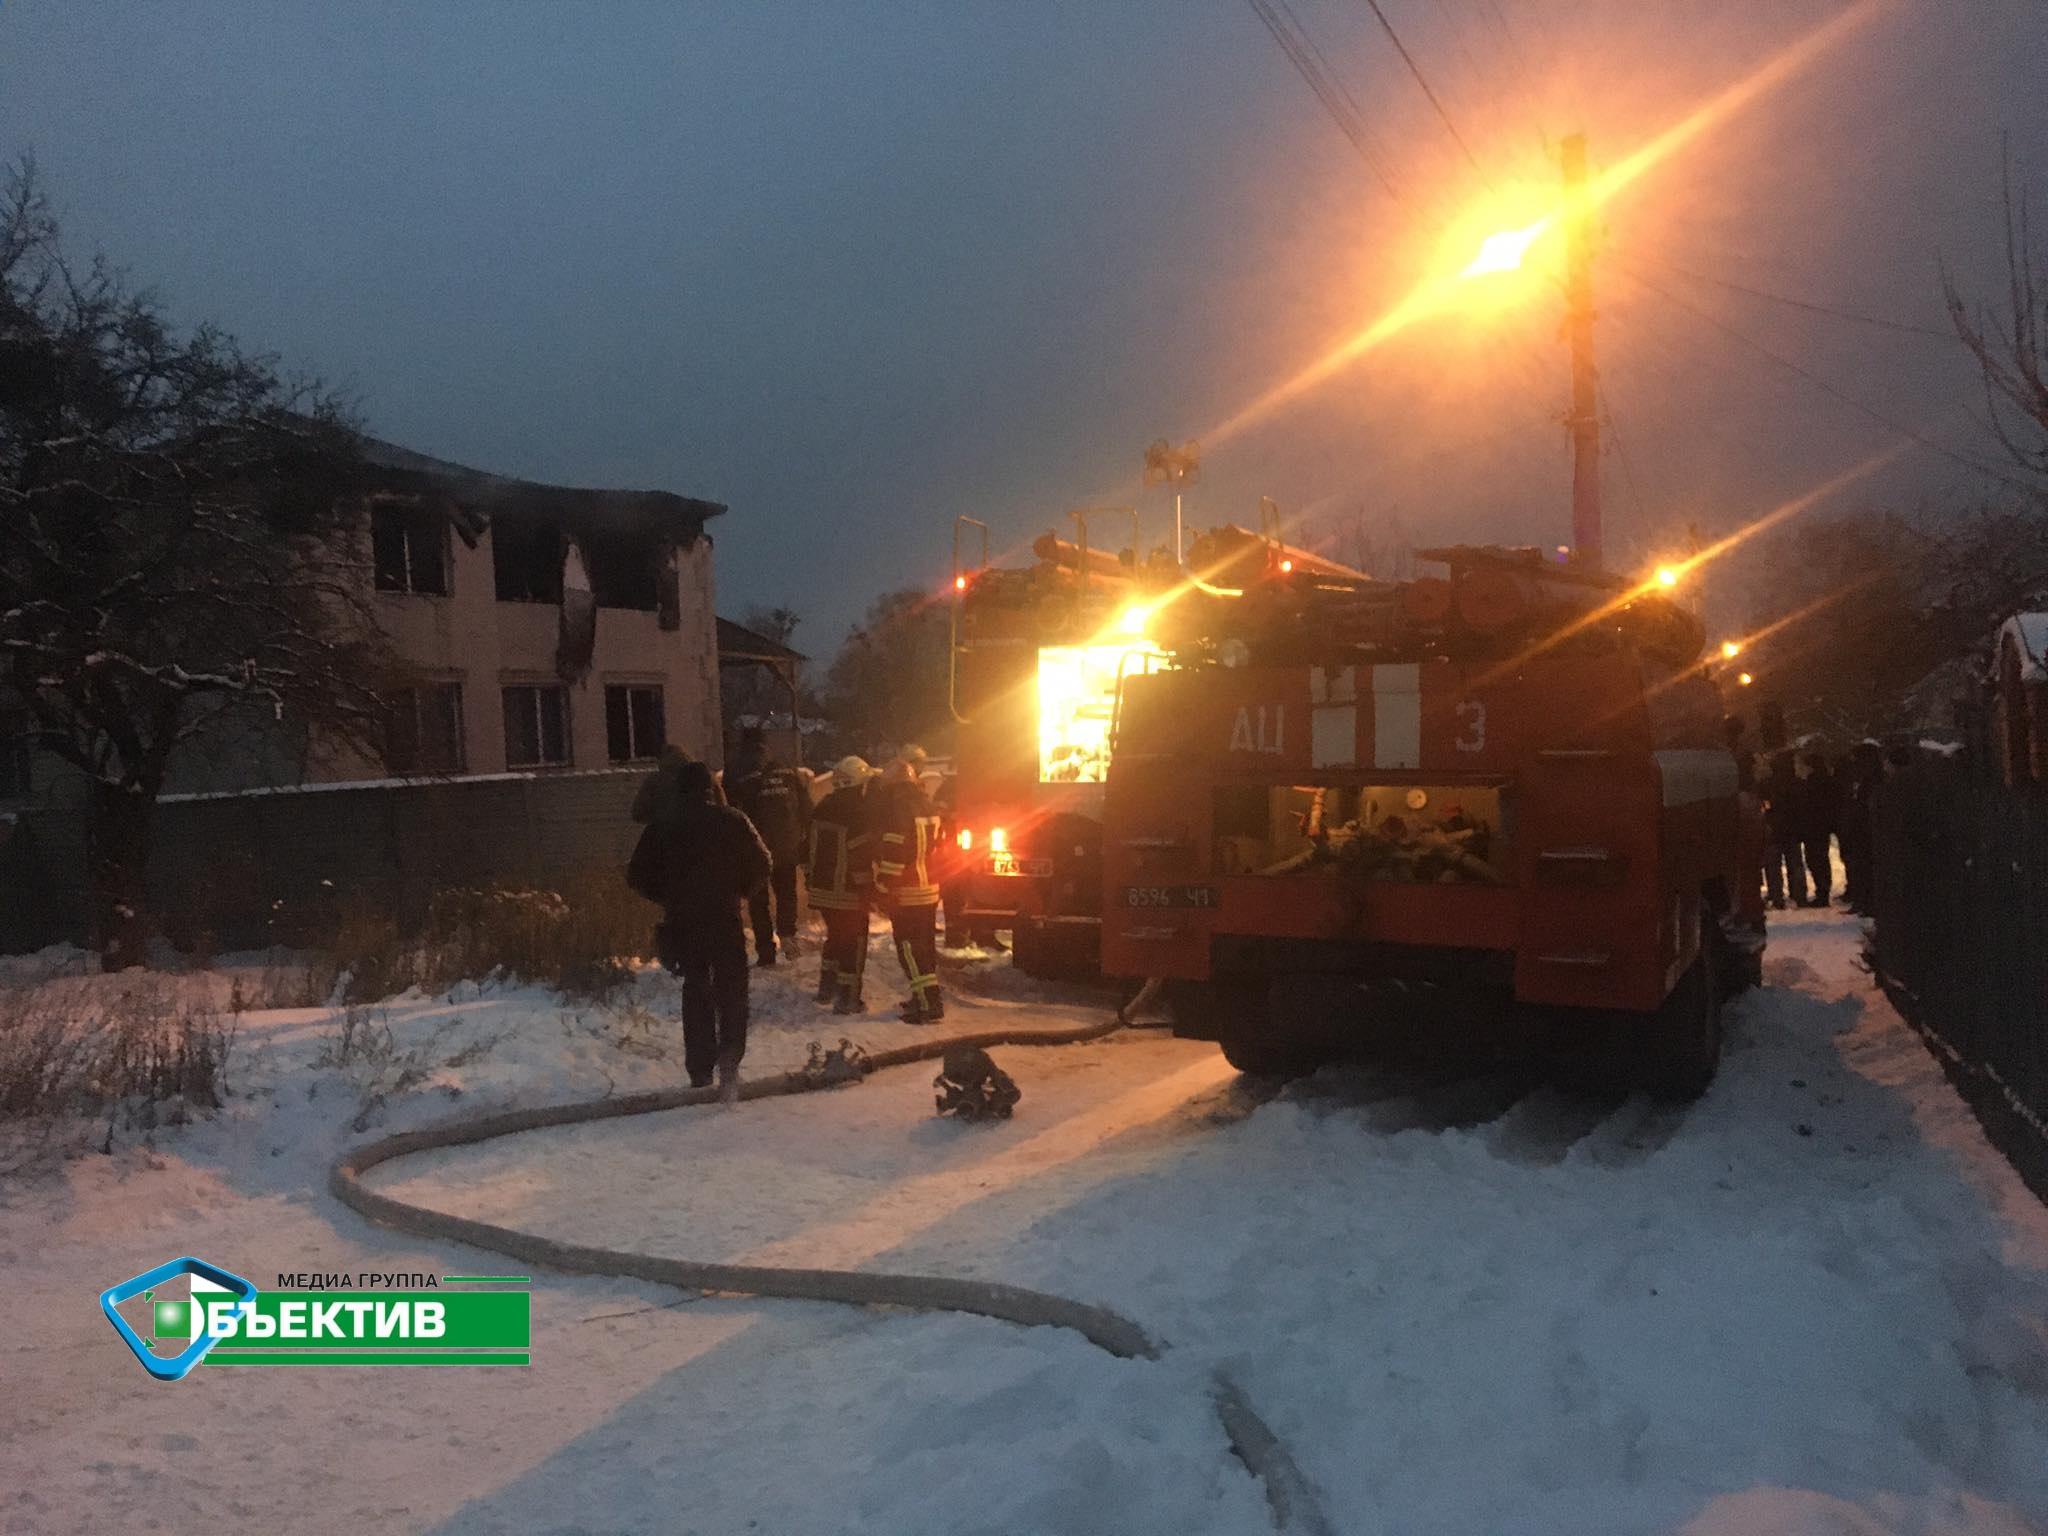 Пожар в доме престарелых в Харькове: 15 погибших (фото)